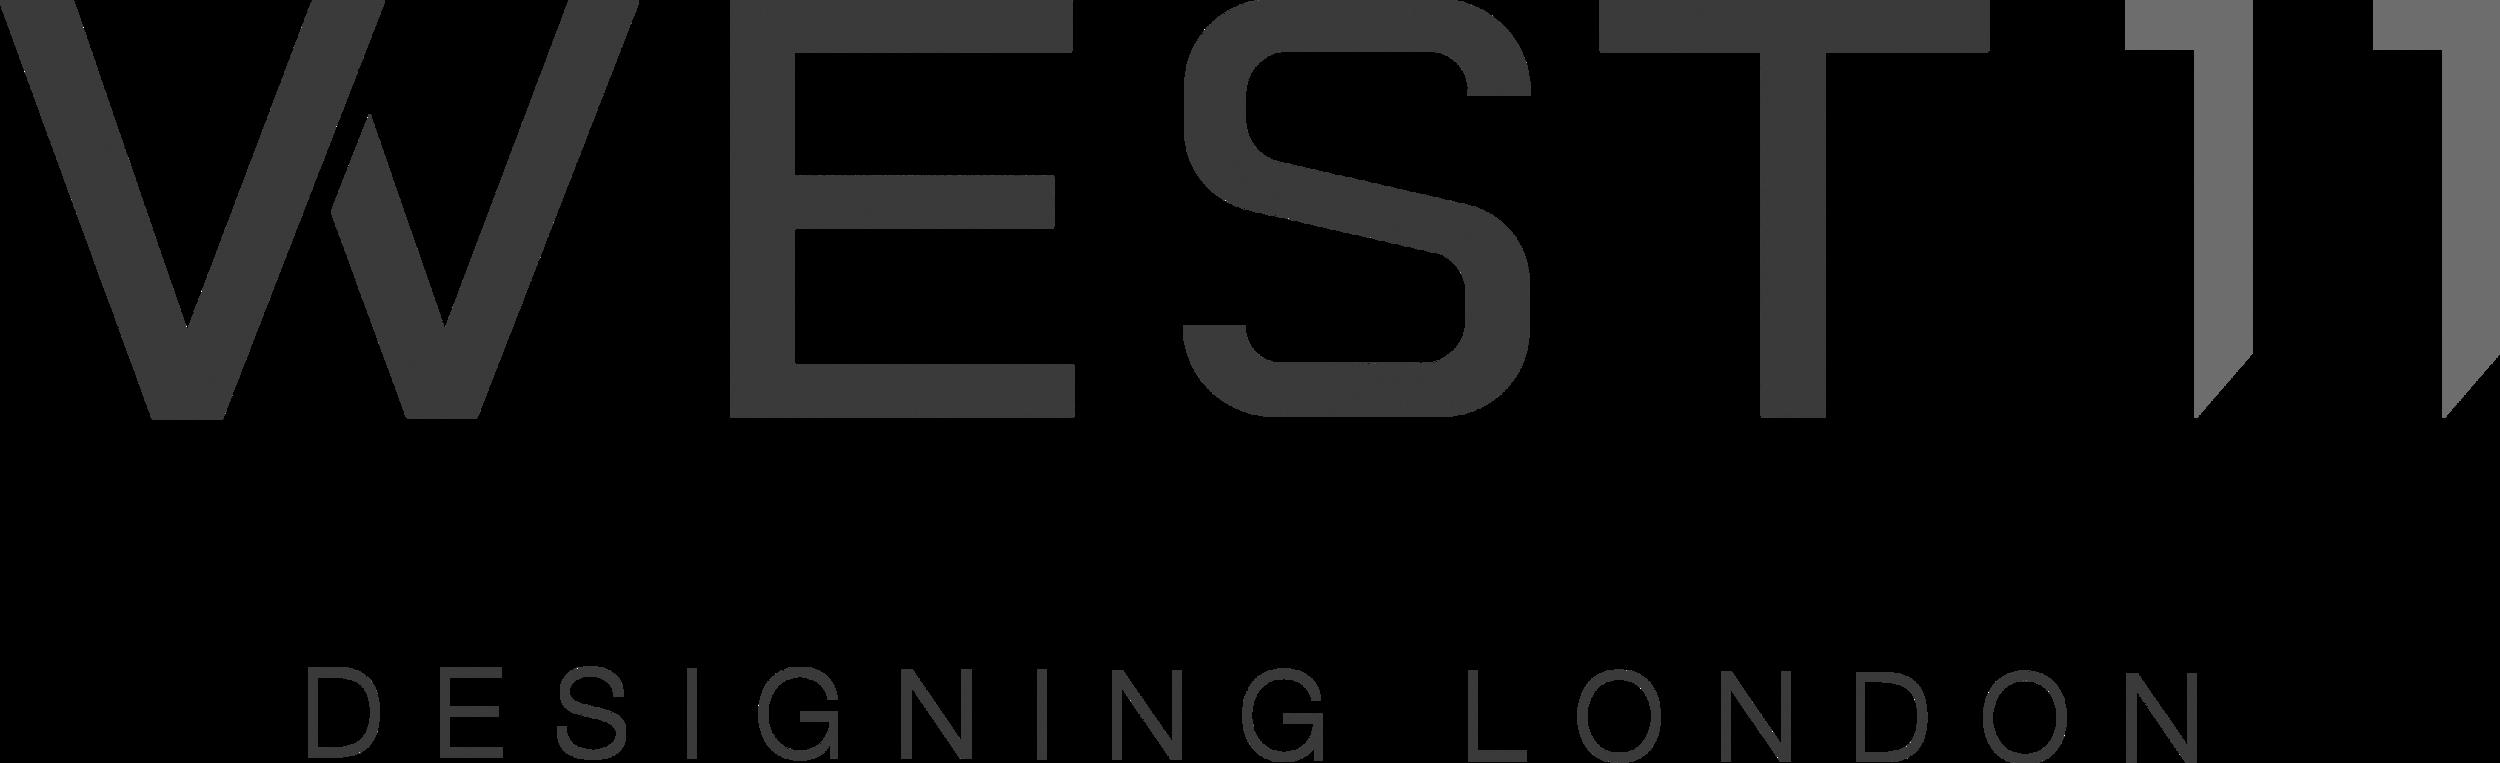 west11 logo 2014_colour.png